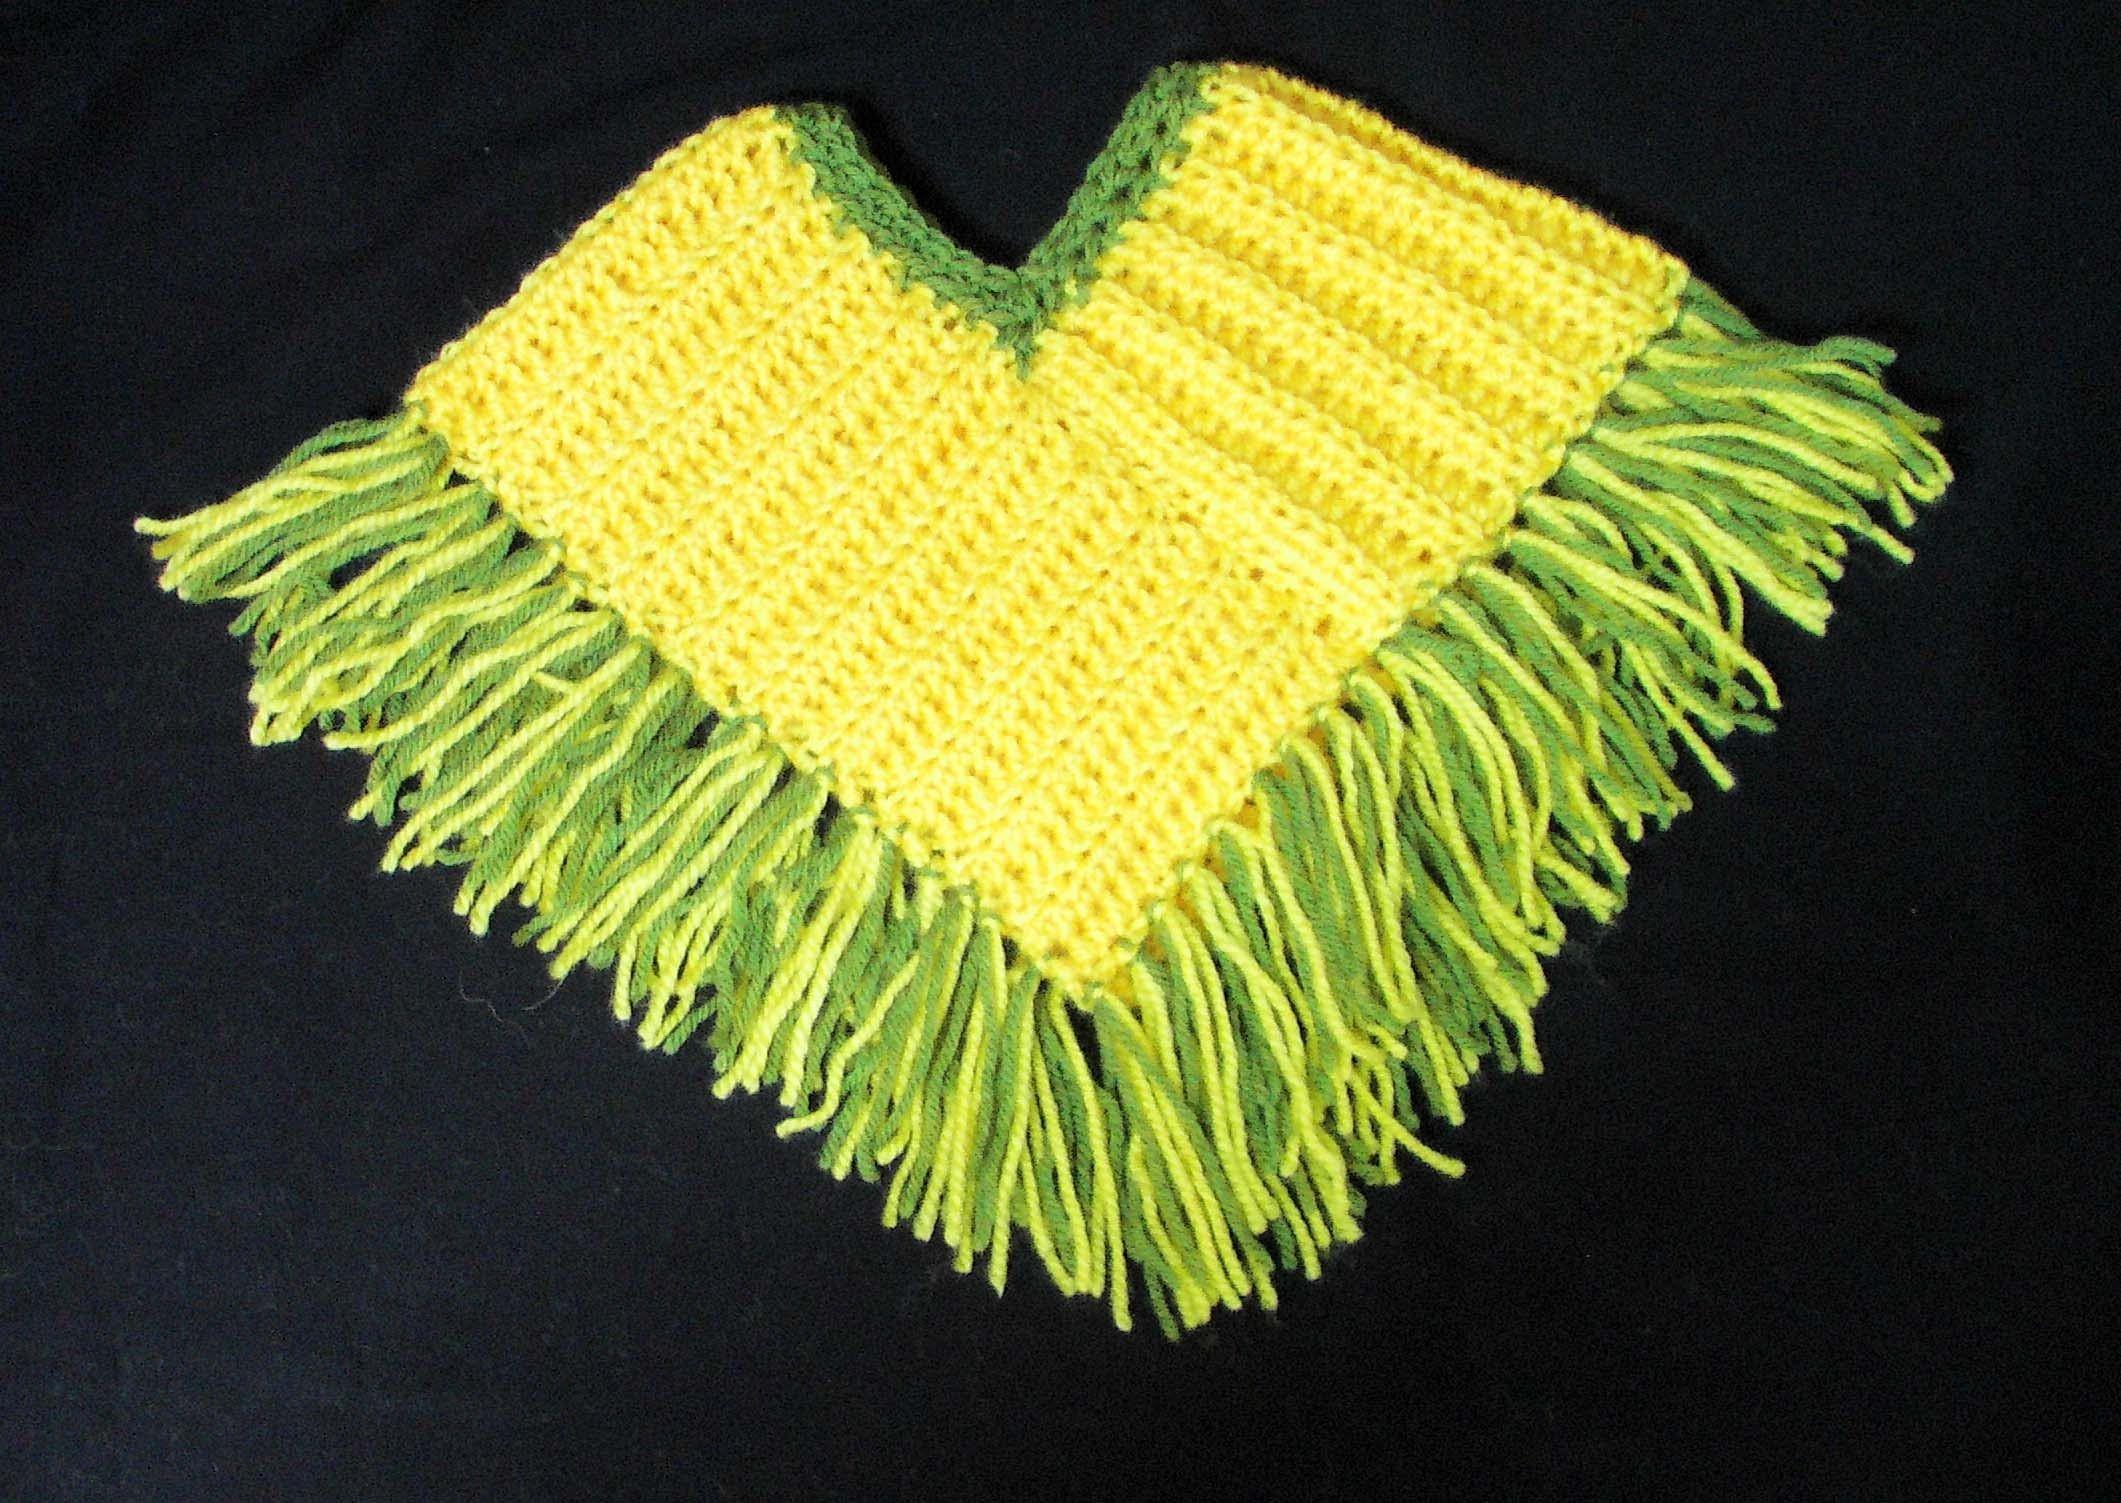 Πλεκτο Ποντσο / Crochet Poncho Tutorial | πλεκτα ποντσο-εσαρπες ...